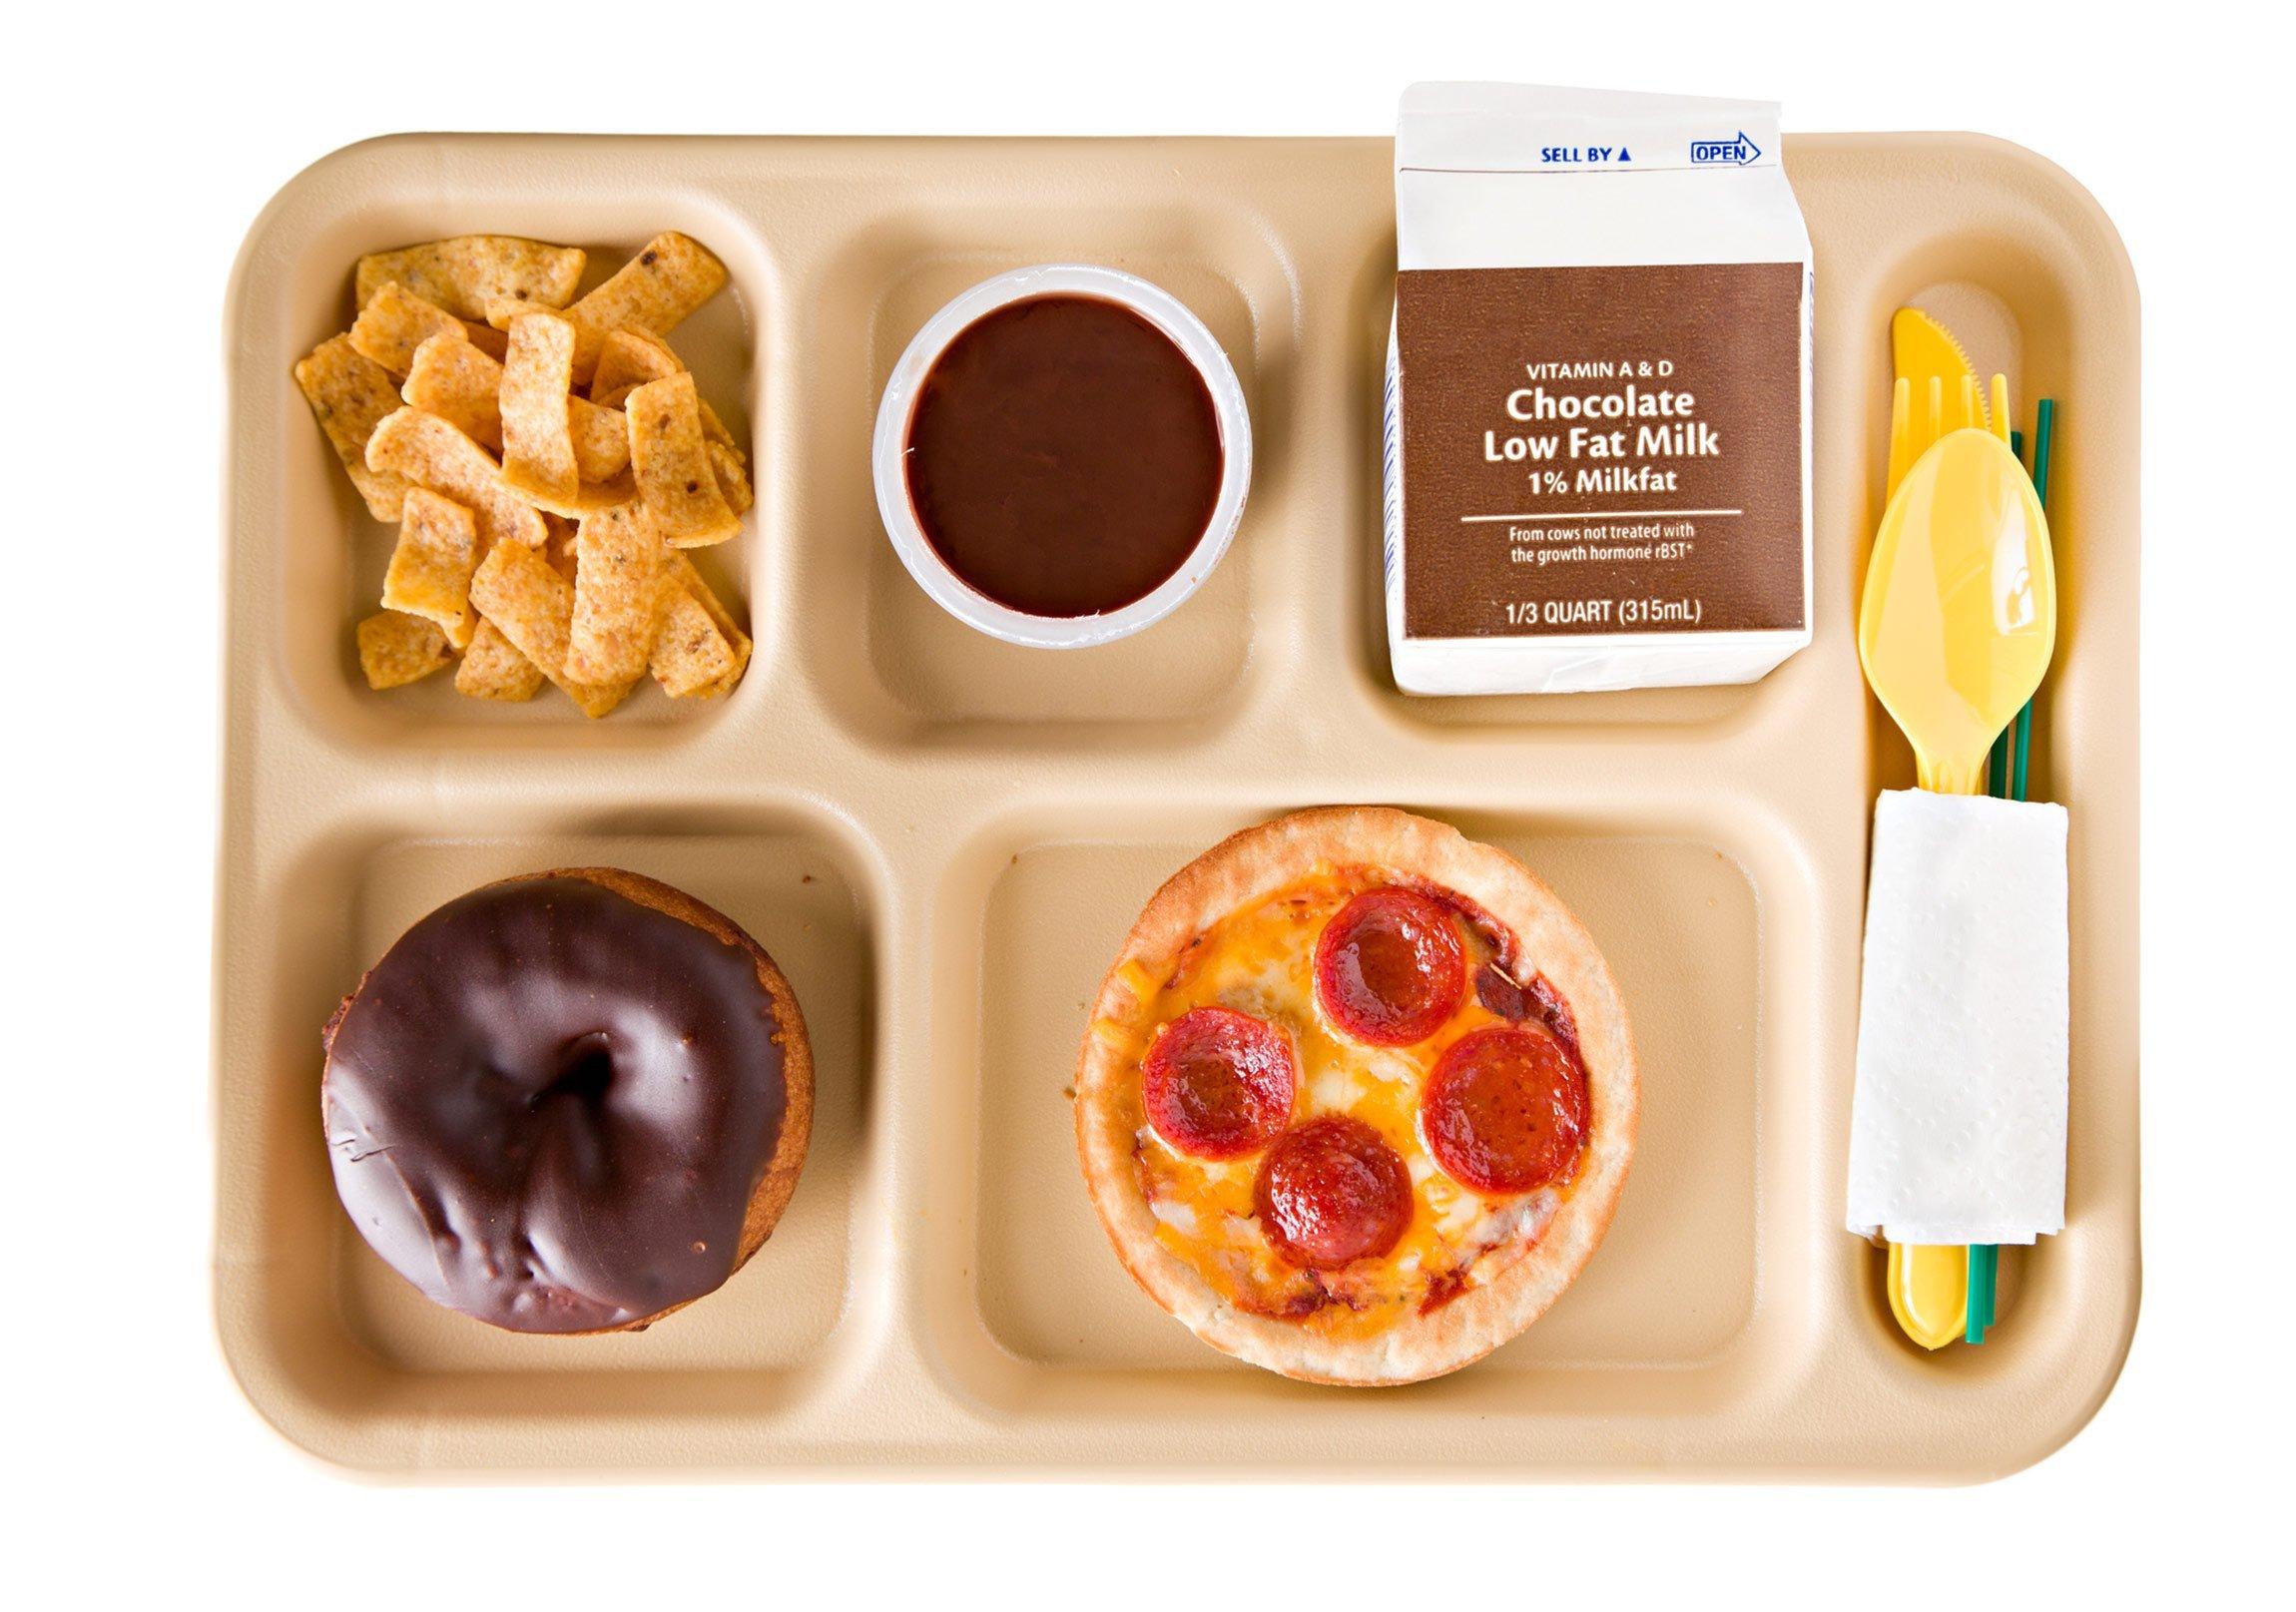 An unhealthy school lunch